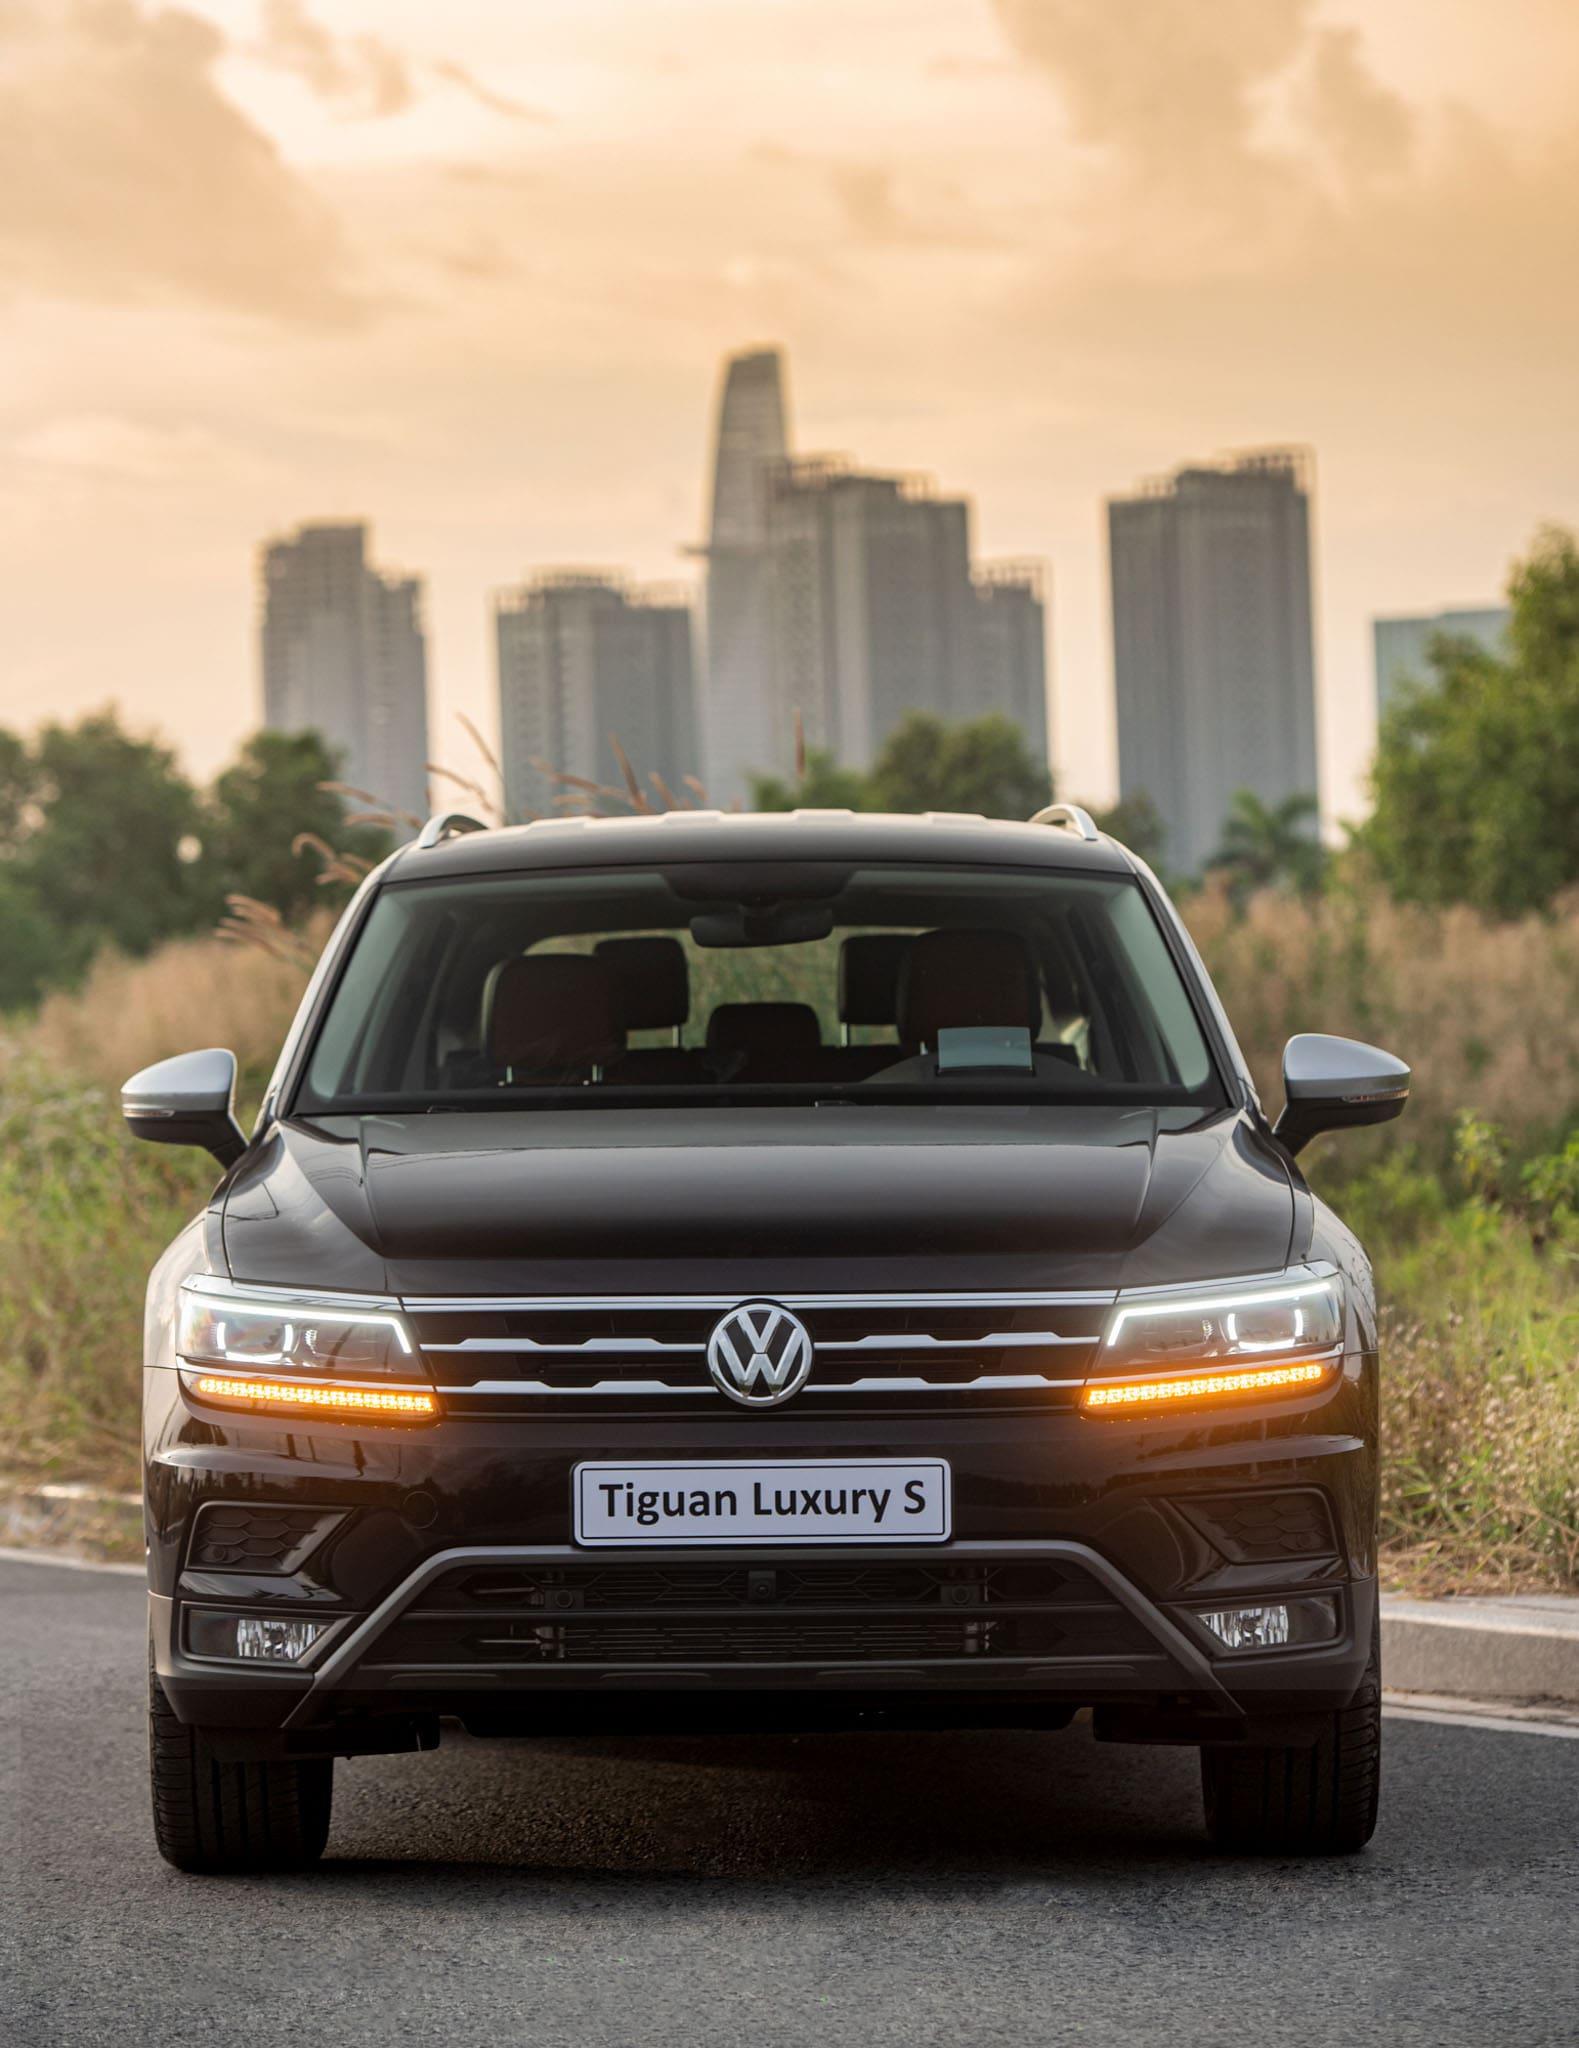 Volkswagen Tiguan Luxury S